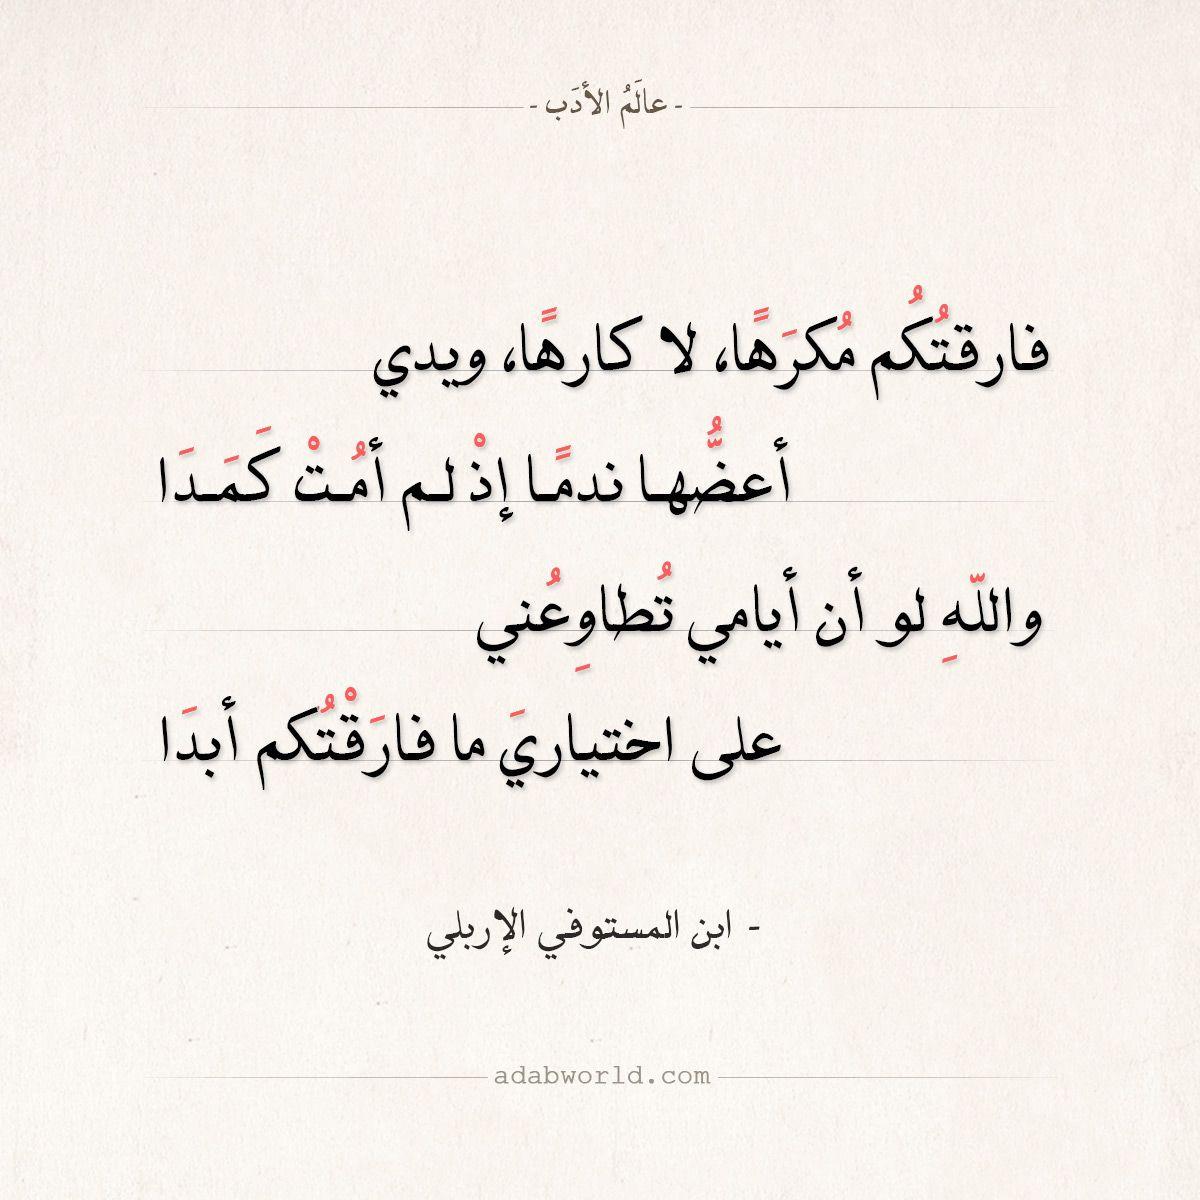 شعر ابن المستوفي الإربلي فارقتكم مكرها لا كارها ويدي عالم الأدب Words Quotes Arabic Quotes Book Quotes